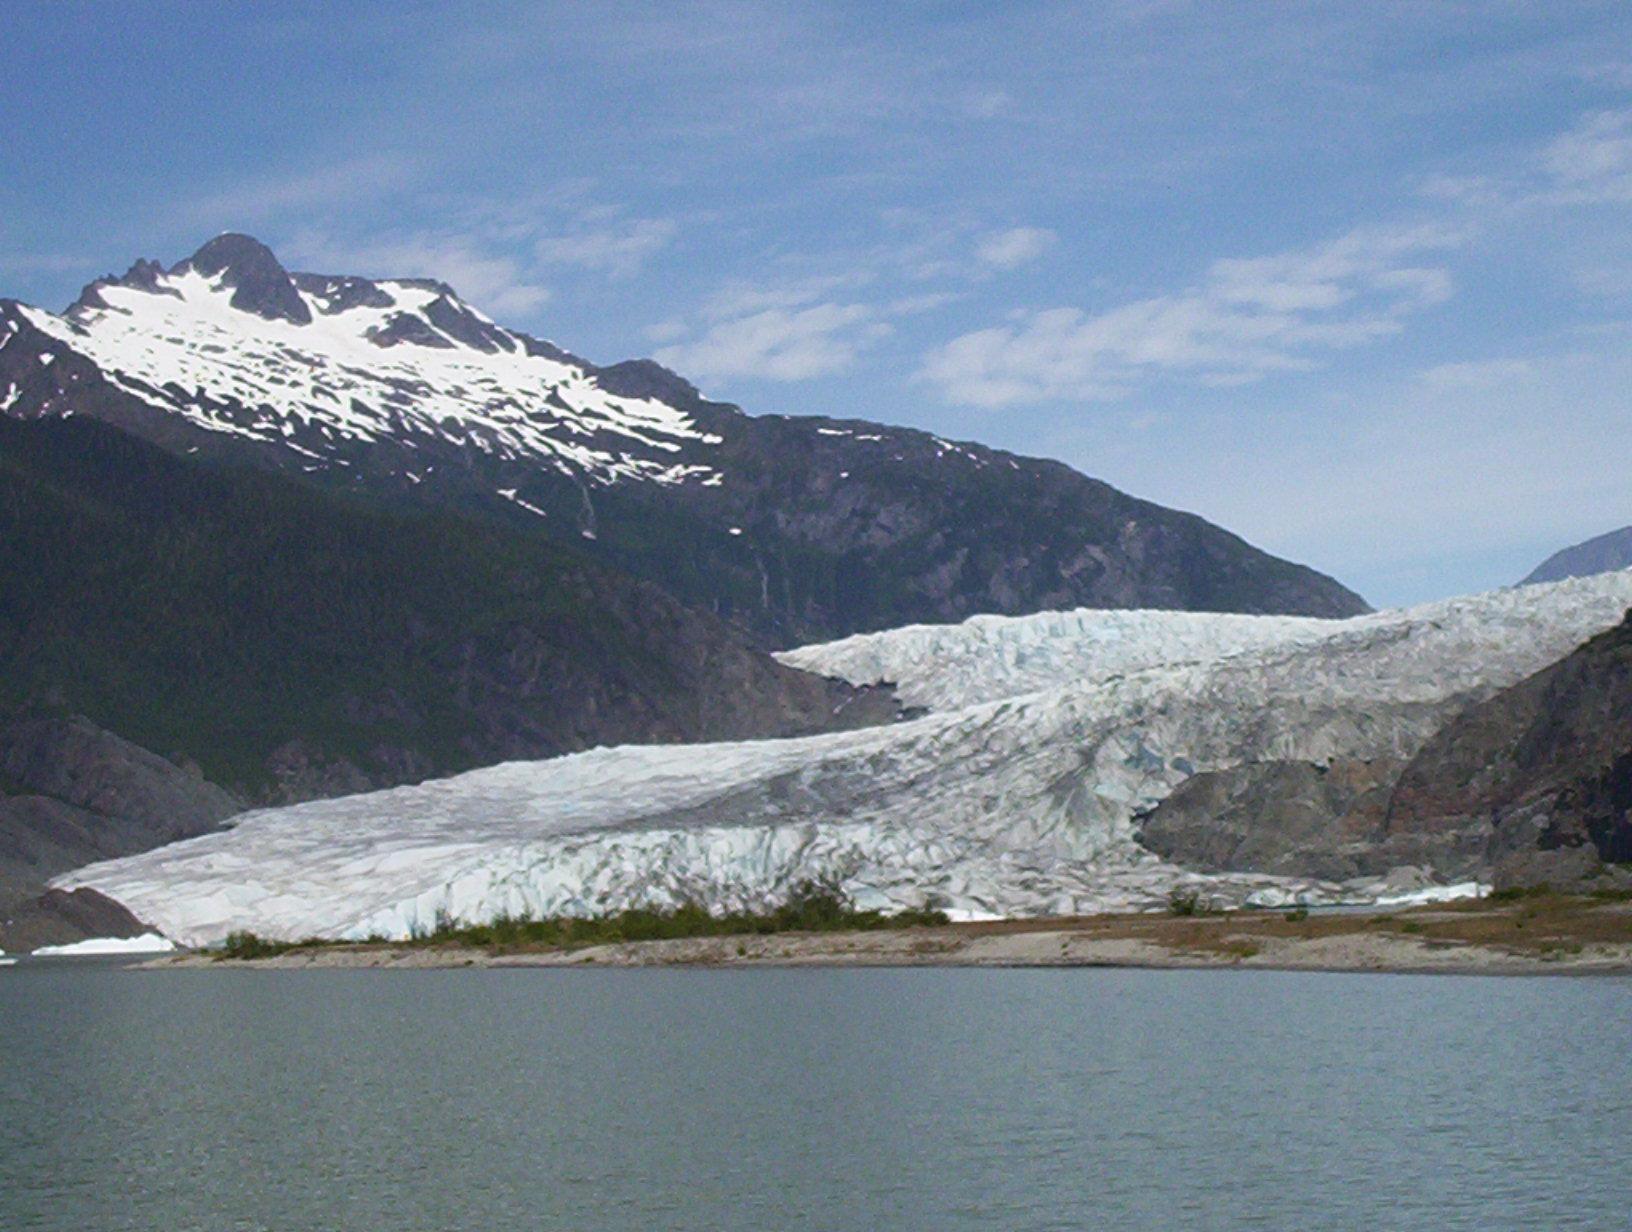 Mendenhall Glacier Alaska Photo By Sibley Hunter